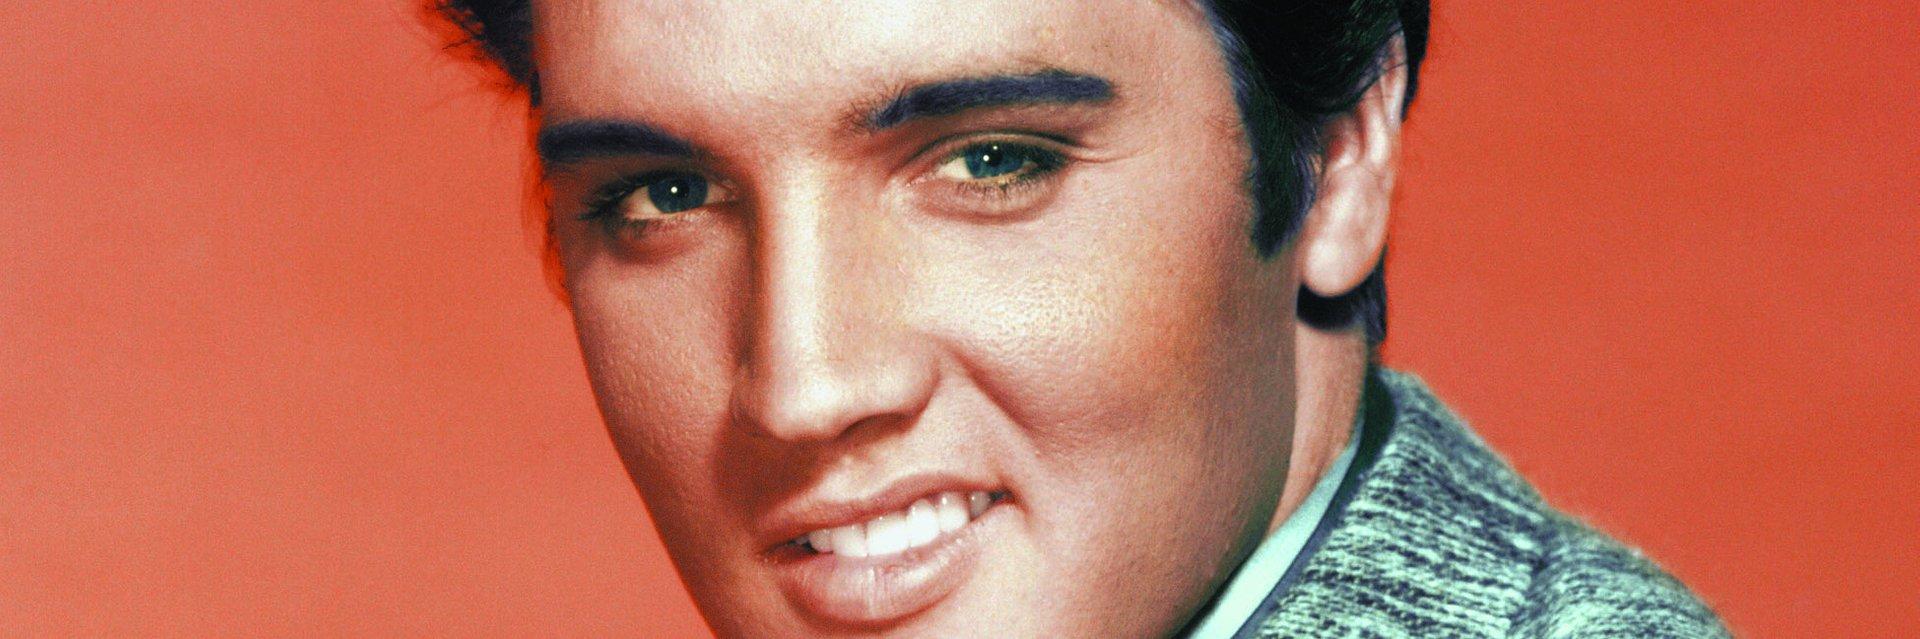 """Pierwszy oficjalny teledysk """"Blue Christmas"""" Elvisa Presleya"""